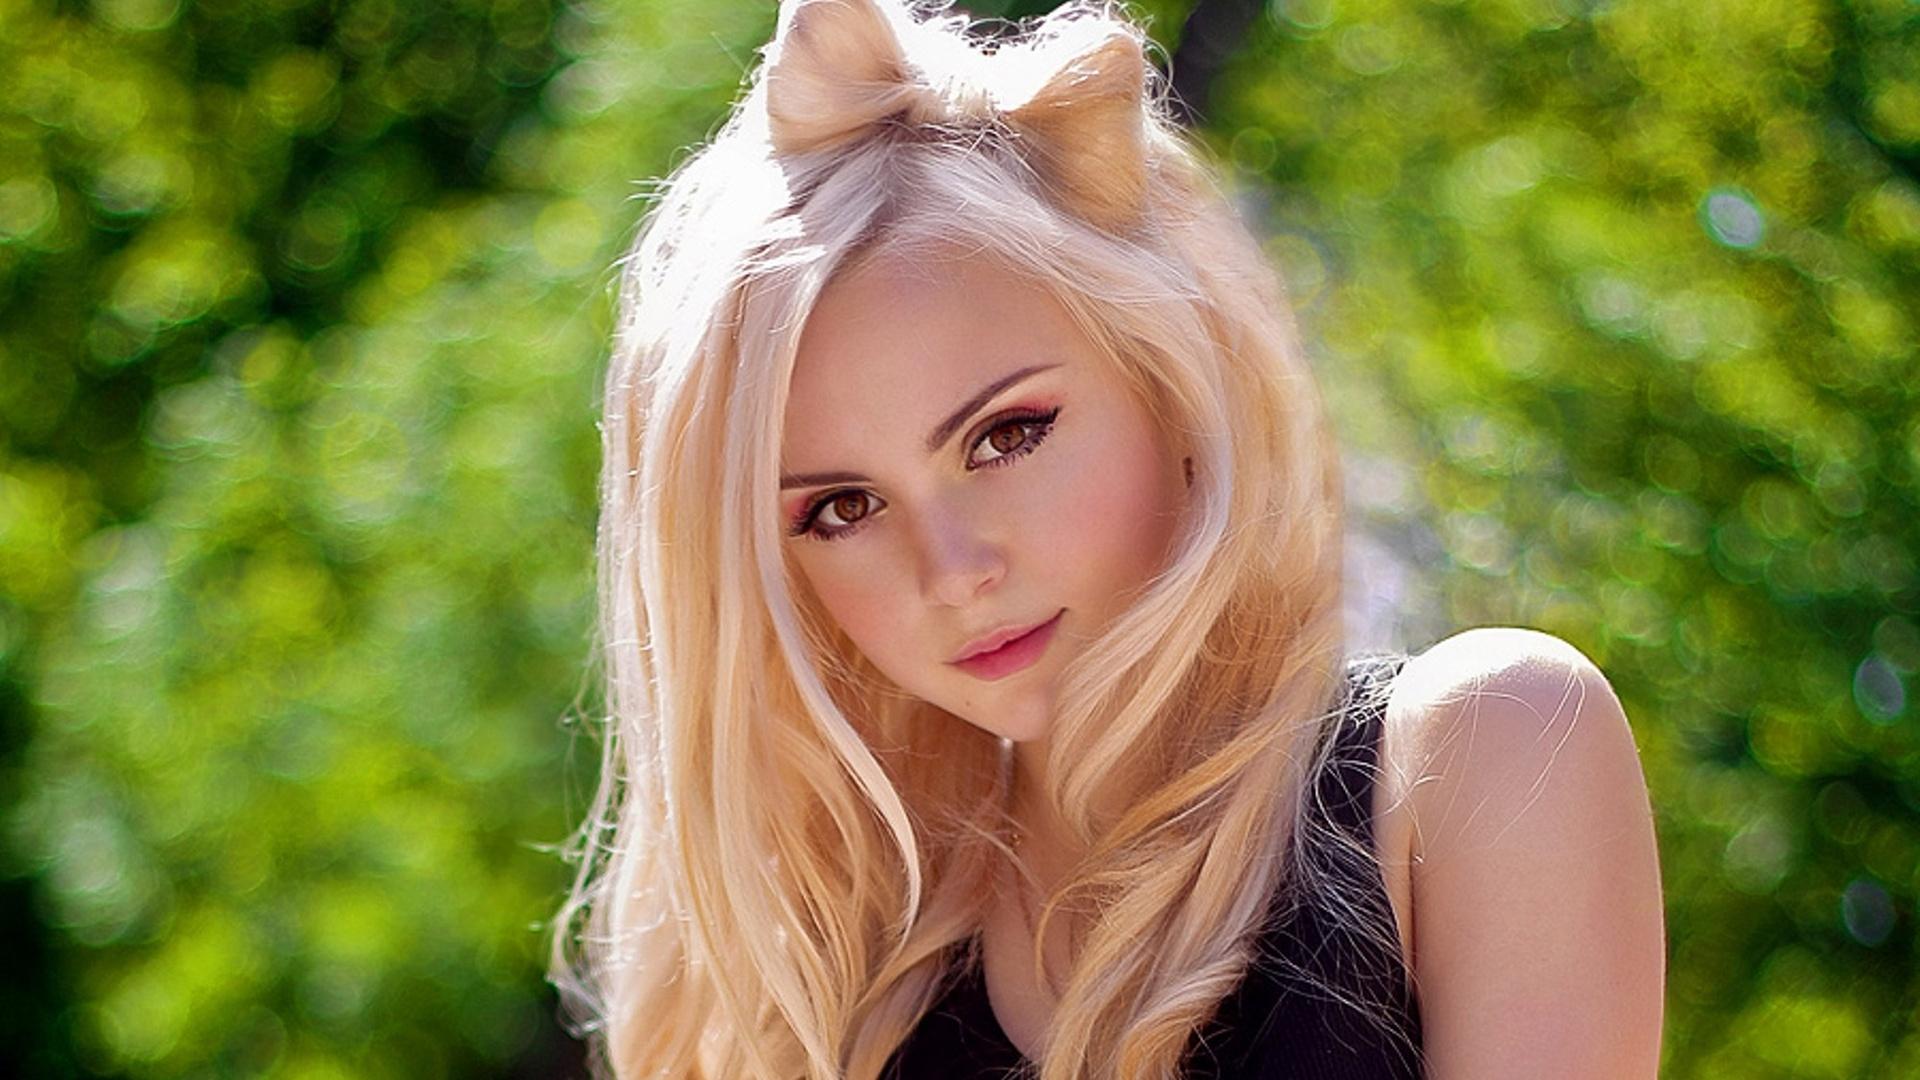 Фото простых девушек блондинок 9 фотография